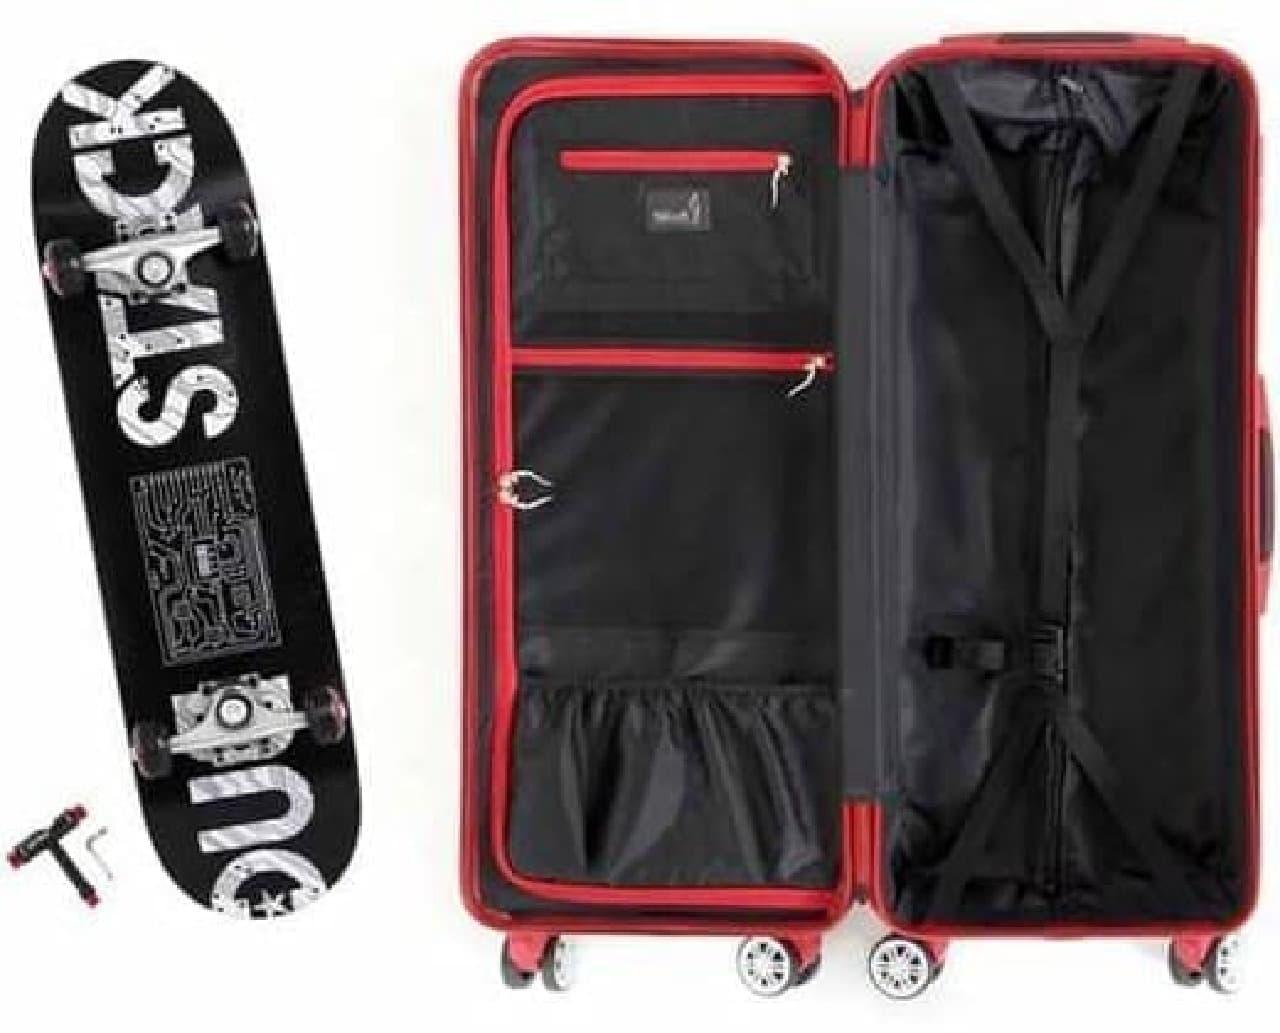 長尺物も収納可能な「スリムスーツケース」